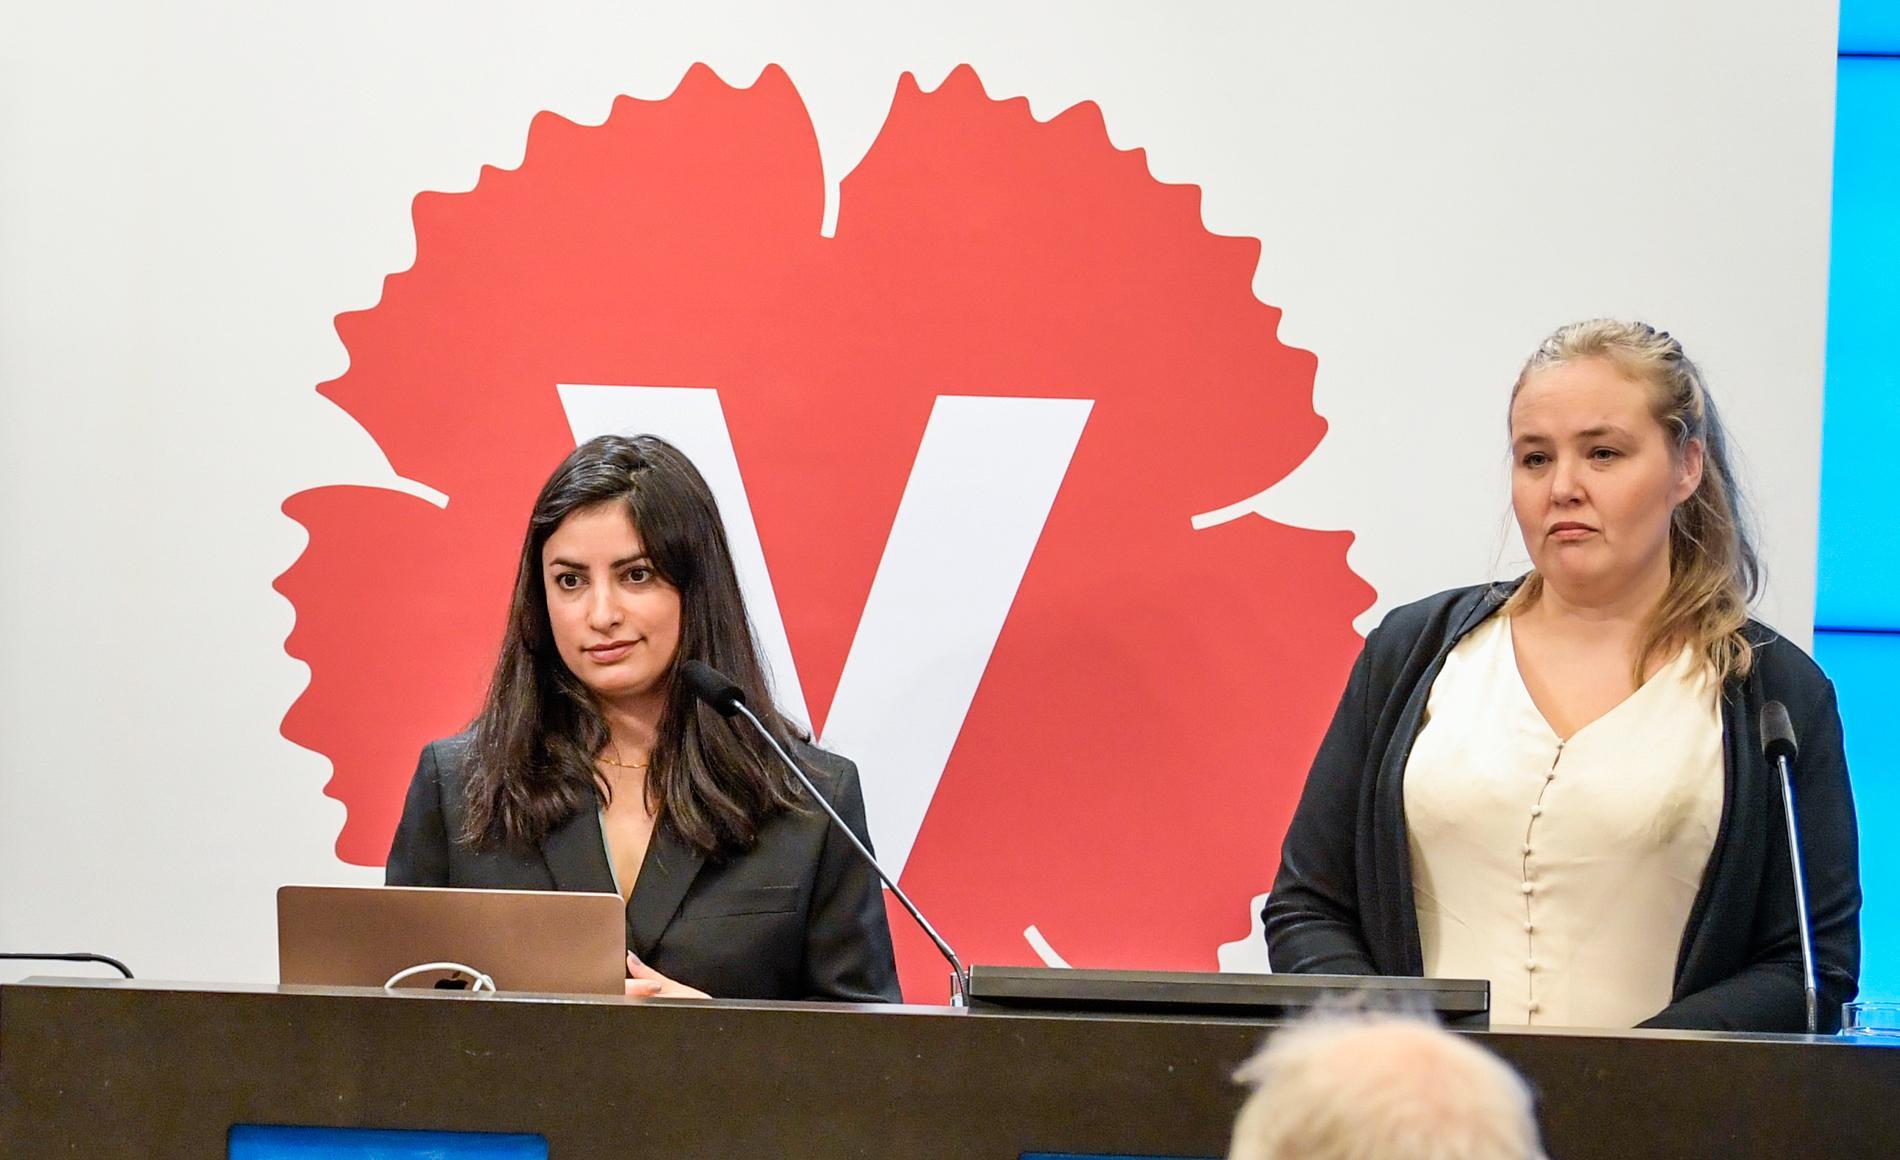 Vänsterpartiets partiledare Nooshi Dadgostar och partiets talesperson för sjukförsäkringsfrågor, Ida Gabrielsson.